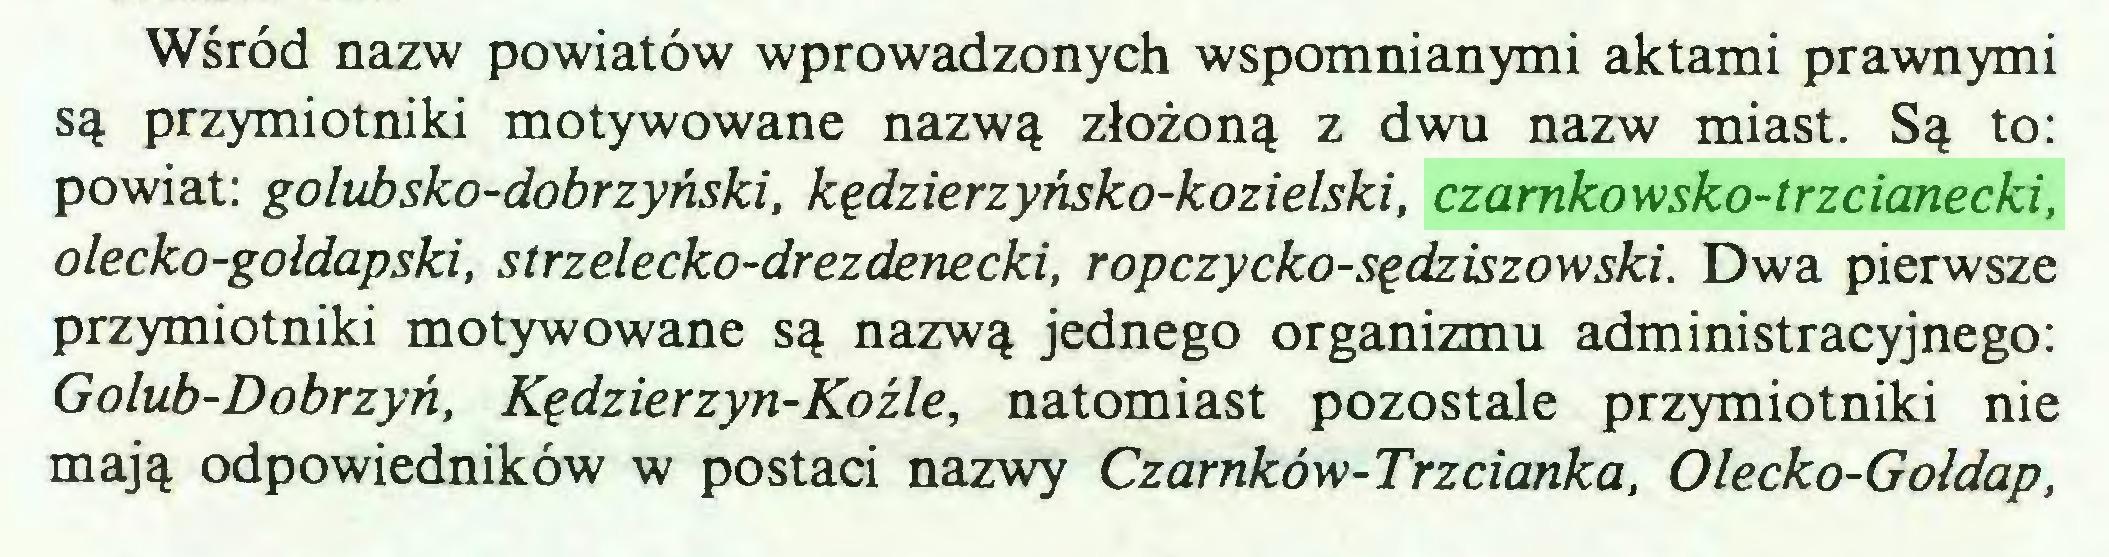 (...) Wśród nazw powiatów wprowadzonych wspomnianymi aktami prawnymi są przymiotniki motywowane nazwą złożoną z dwu nazw miast. Są to: powiat: golubsko-dobrzyński, kędzierzyńsko-kozielski, czarnkowsko-trzcianecki, olecko-goldapski, strzelecko-drezdenecki, ropczycko-sędziszowski. Dwa pierwsze przymiotniki motywowane są nazwą jednego organizmu administracyjnego: Golub-Dobrzyń, Kędzierzyn-Koźle, natomiast pozostałe przymiotniki nie mają odpowiedników w postaci nazwy Czarnków-Trzcianka, Olecko-Gołdap,...